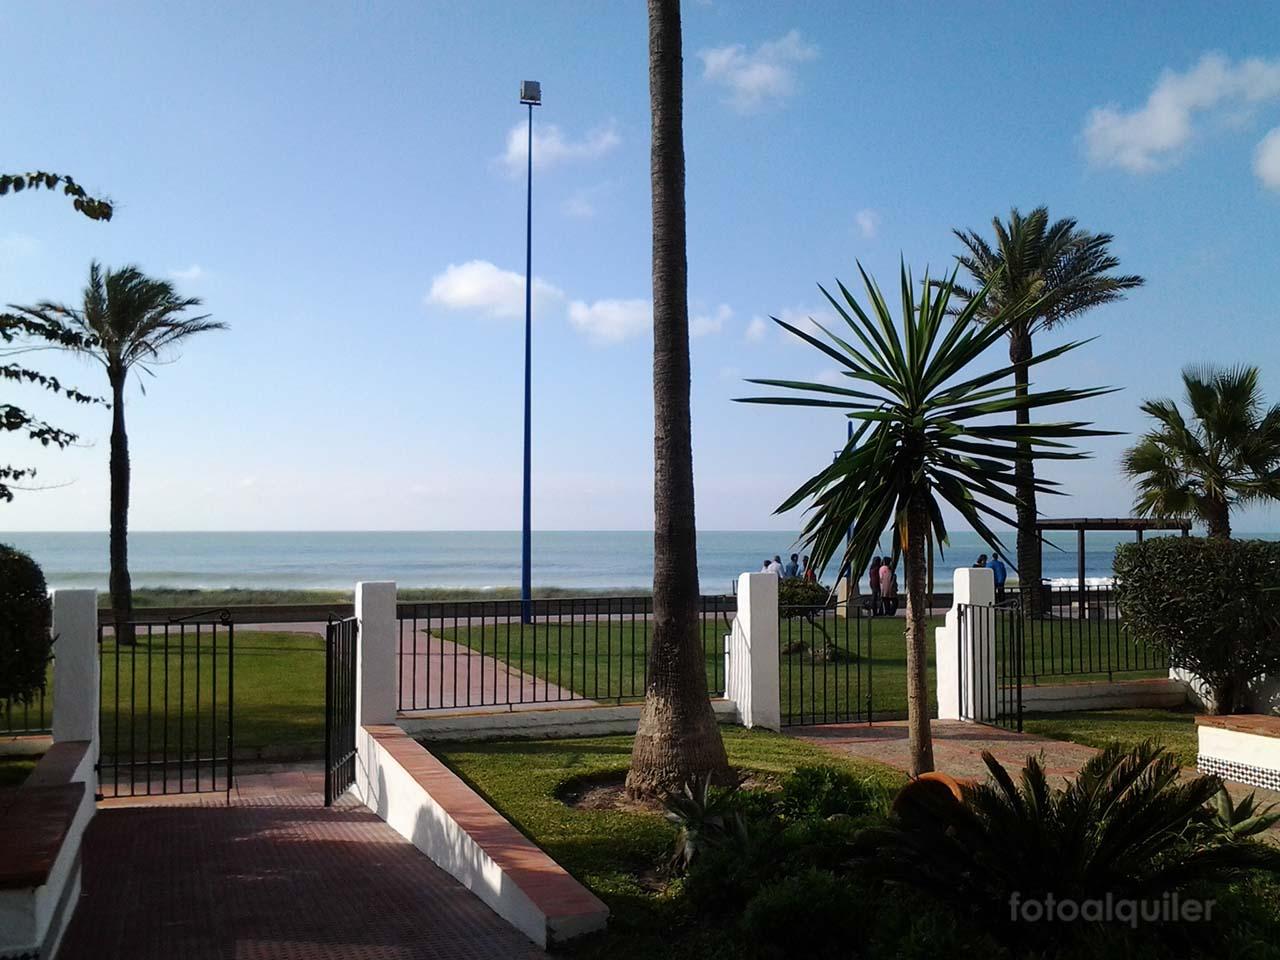 Apartamento en primera linea de la playa de La Barrosa, urbanización Barrosamar, Chiclana